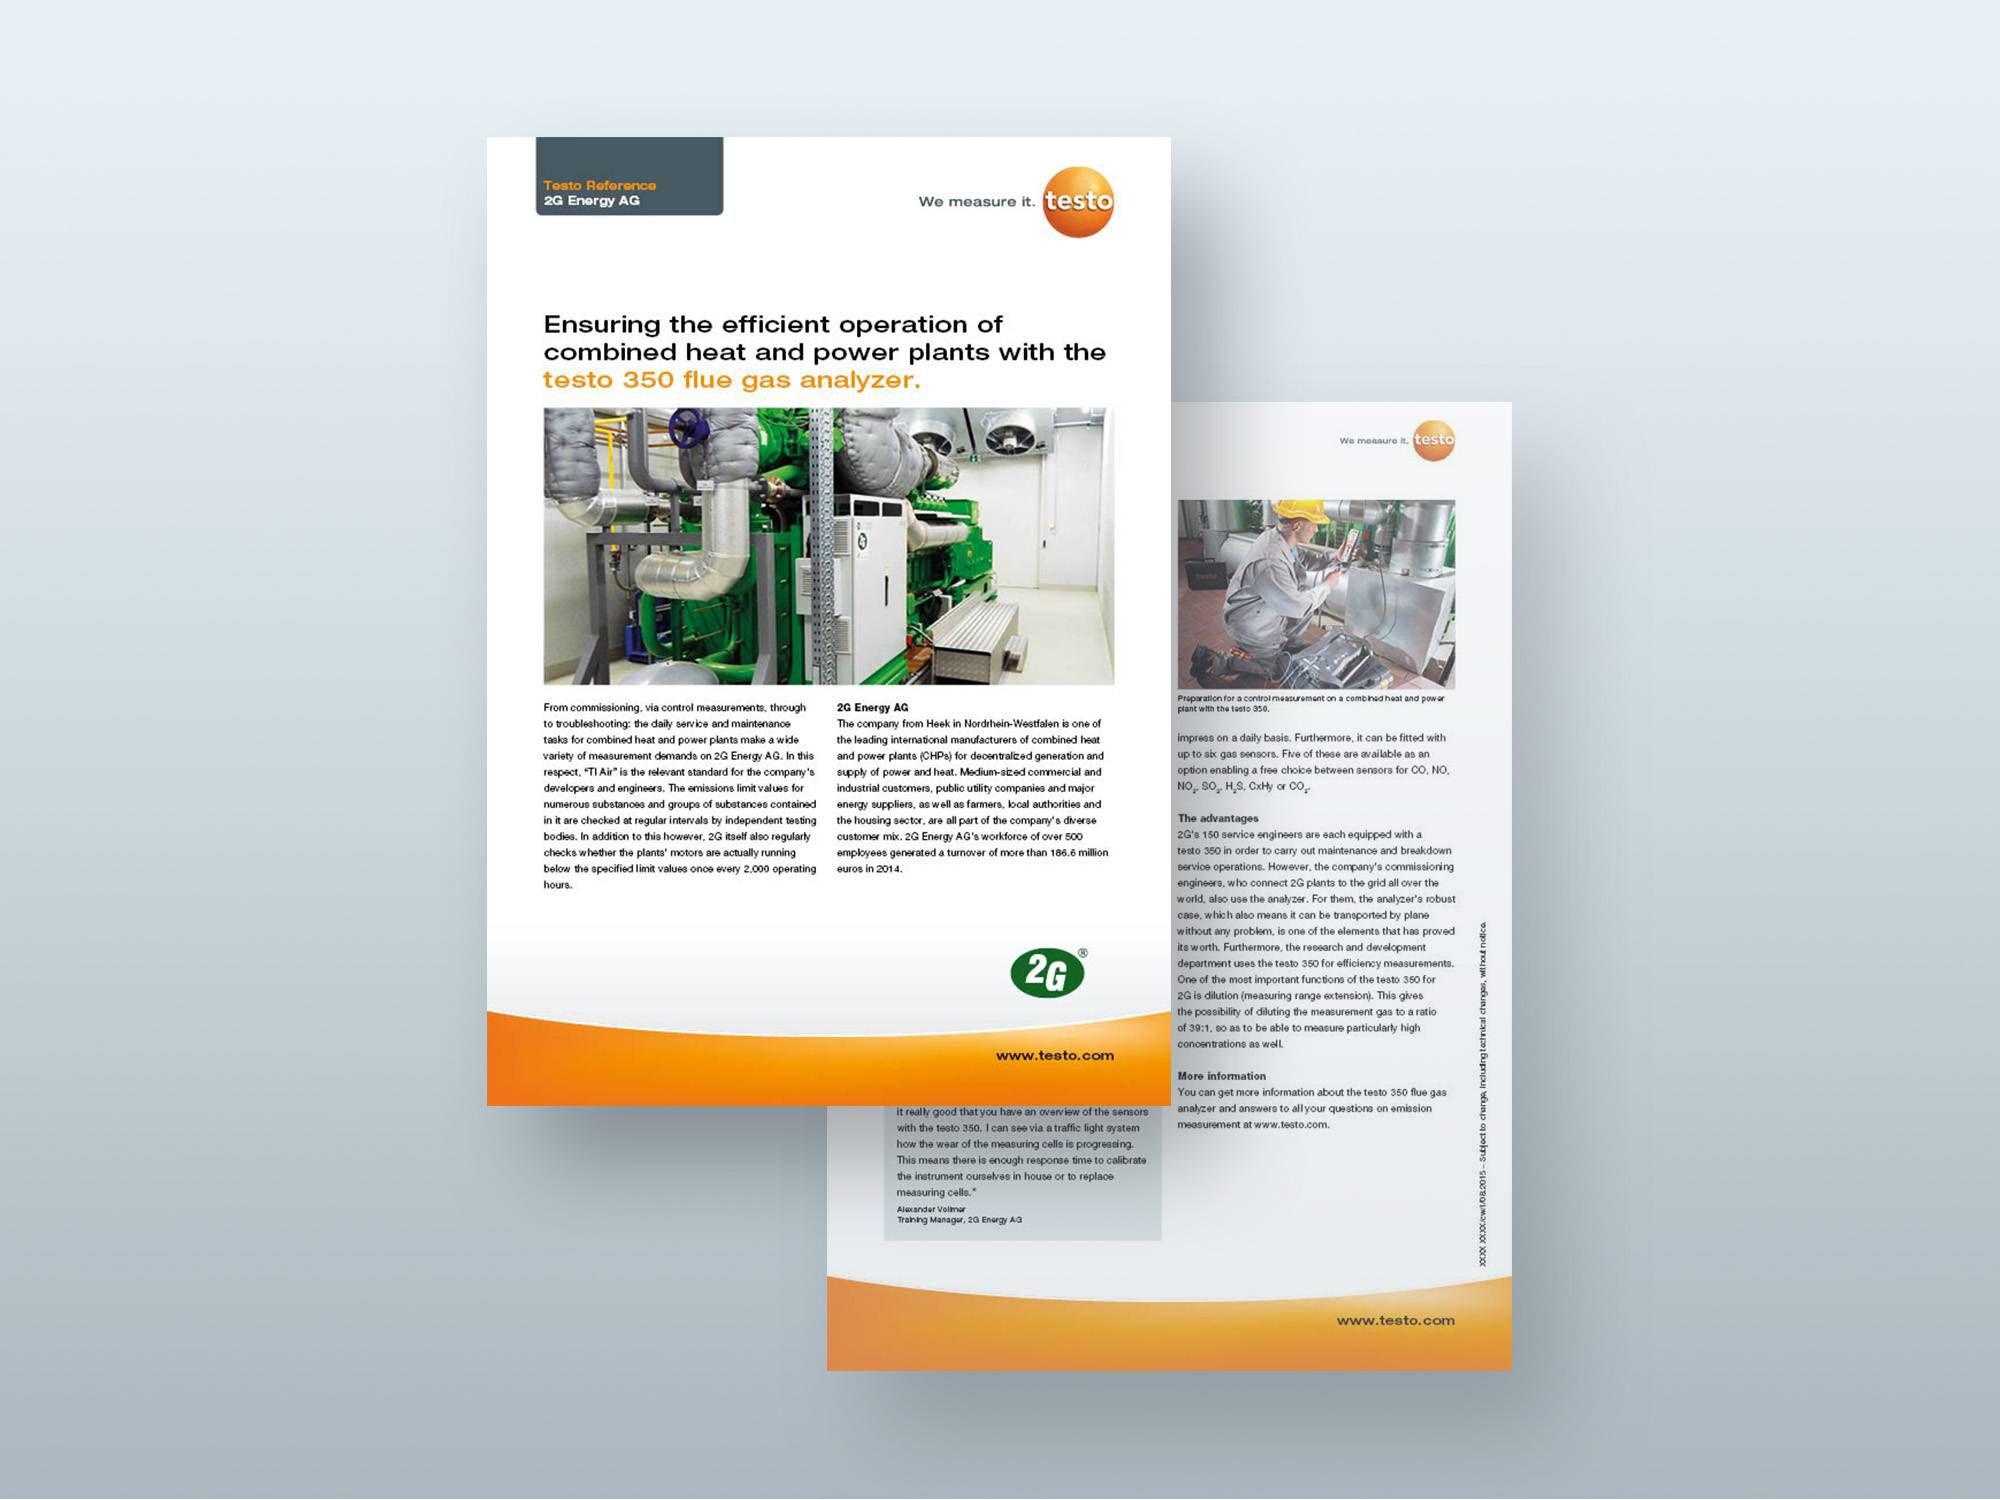 A testo 350 füstgázelemző rendszer a 2G Energy AG vállalatnál